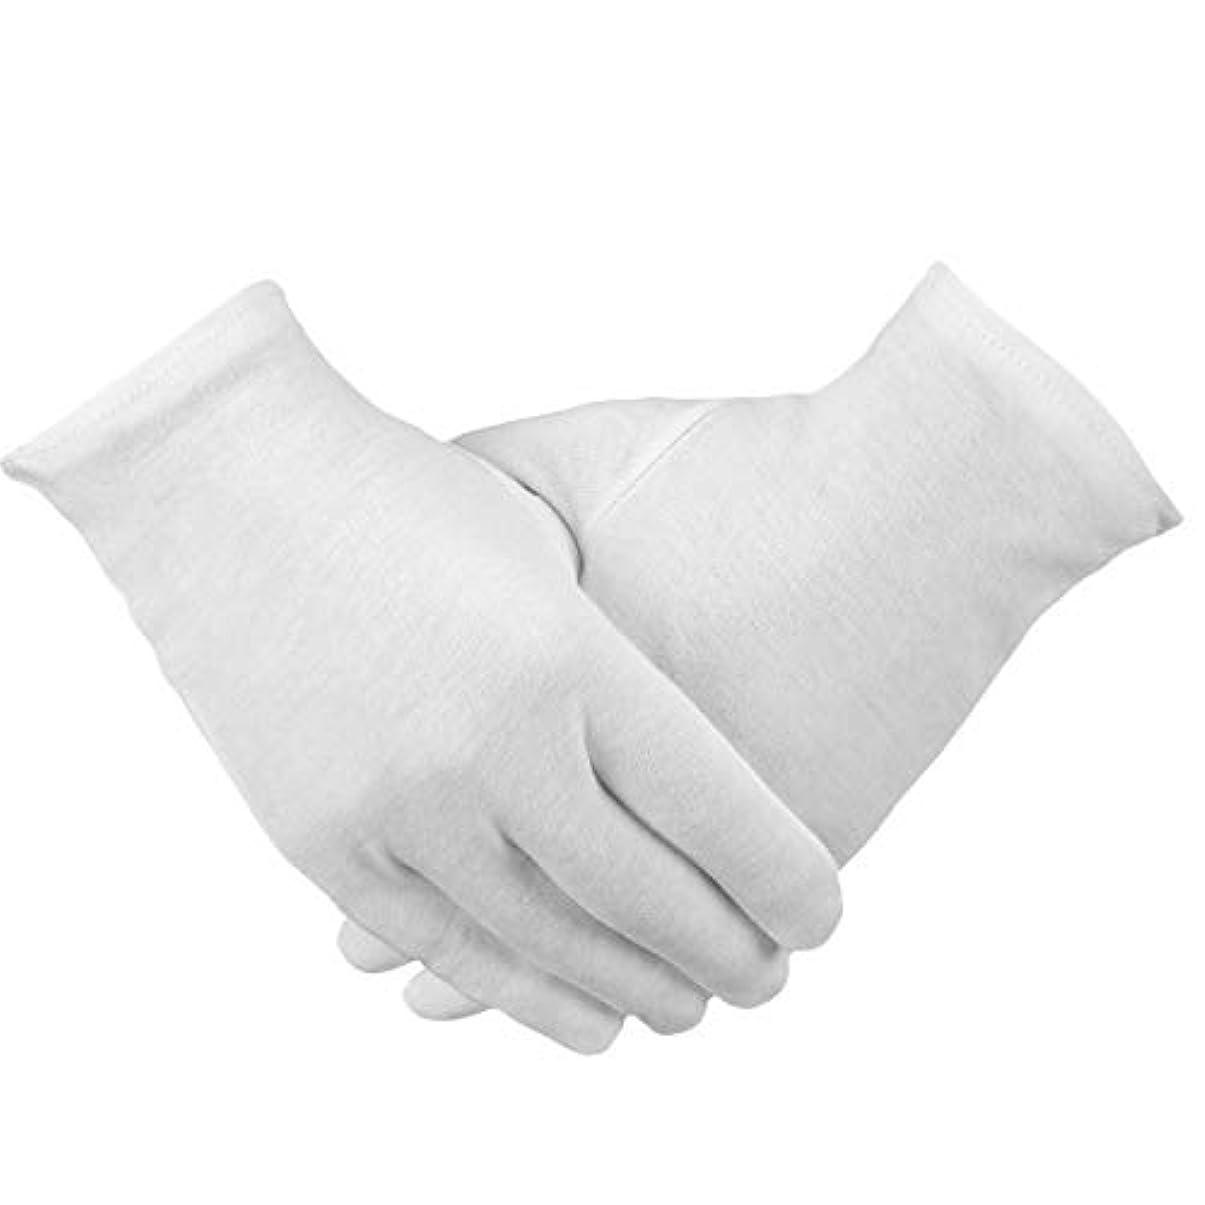 ベルベットモックキリスト教PAMASE 12ペア 手荒れ対策 コットン手袋 綿手袋 純綿 ハンドケア 白手袋 お休み 乾燥肌用 保湿用 家事用 礼装用 メンズ レディース 手袋